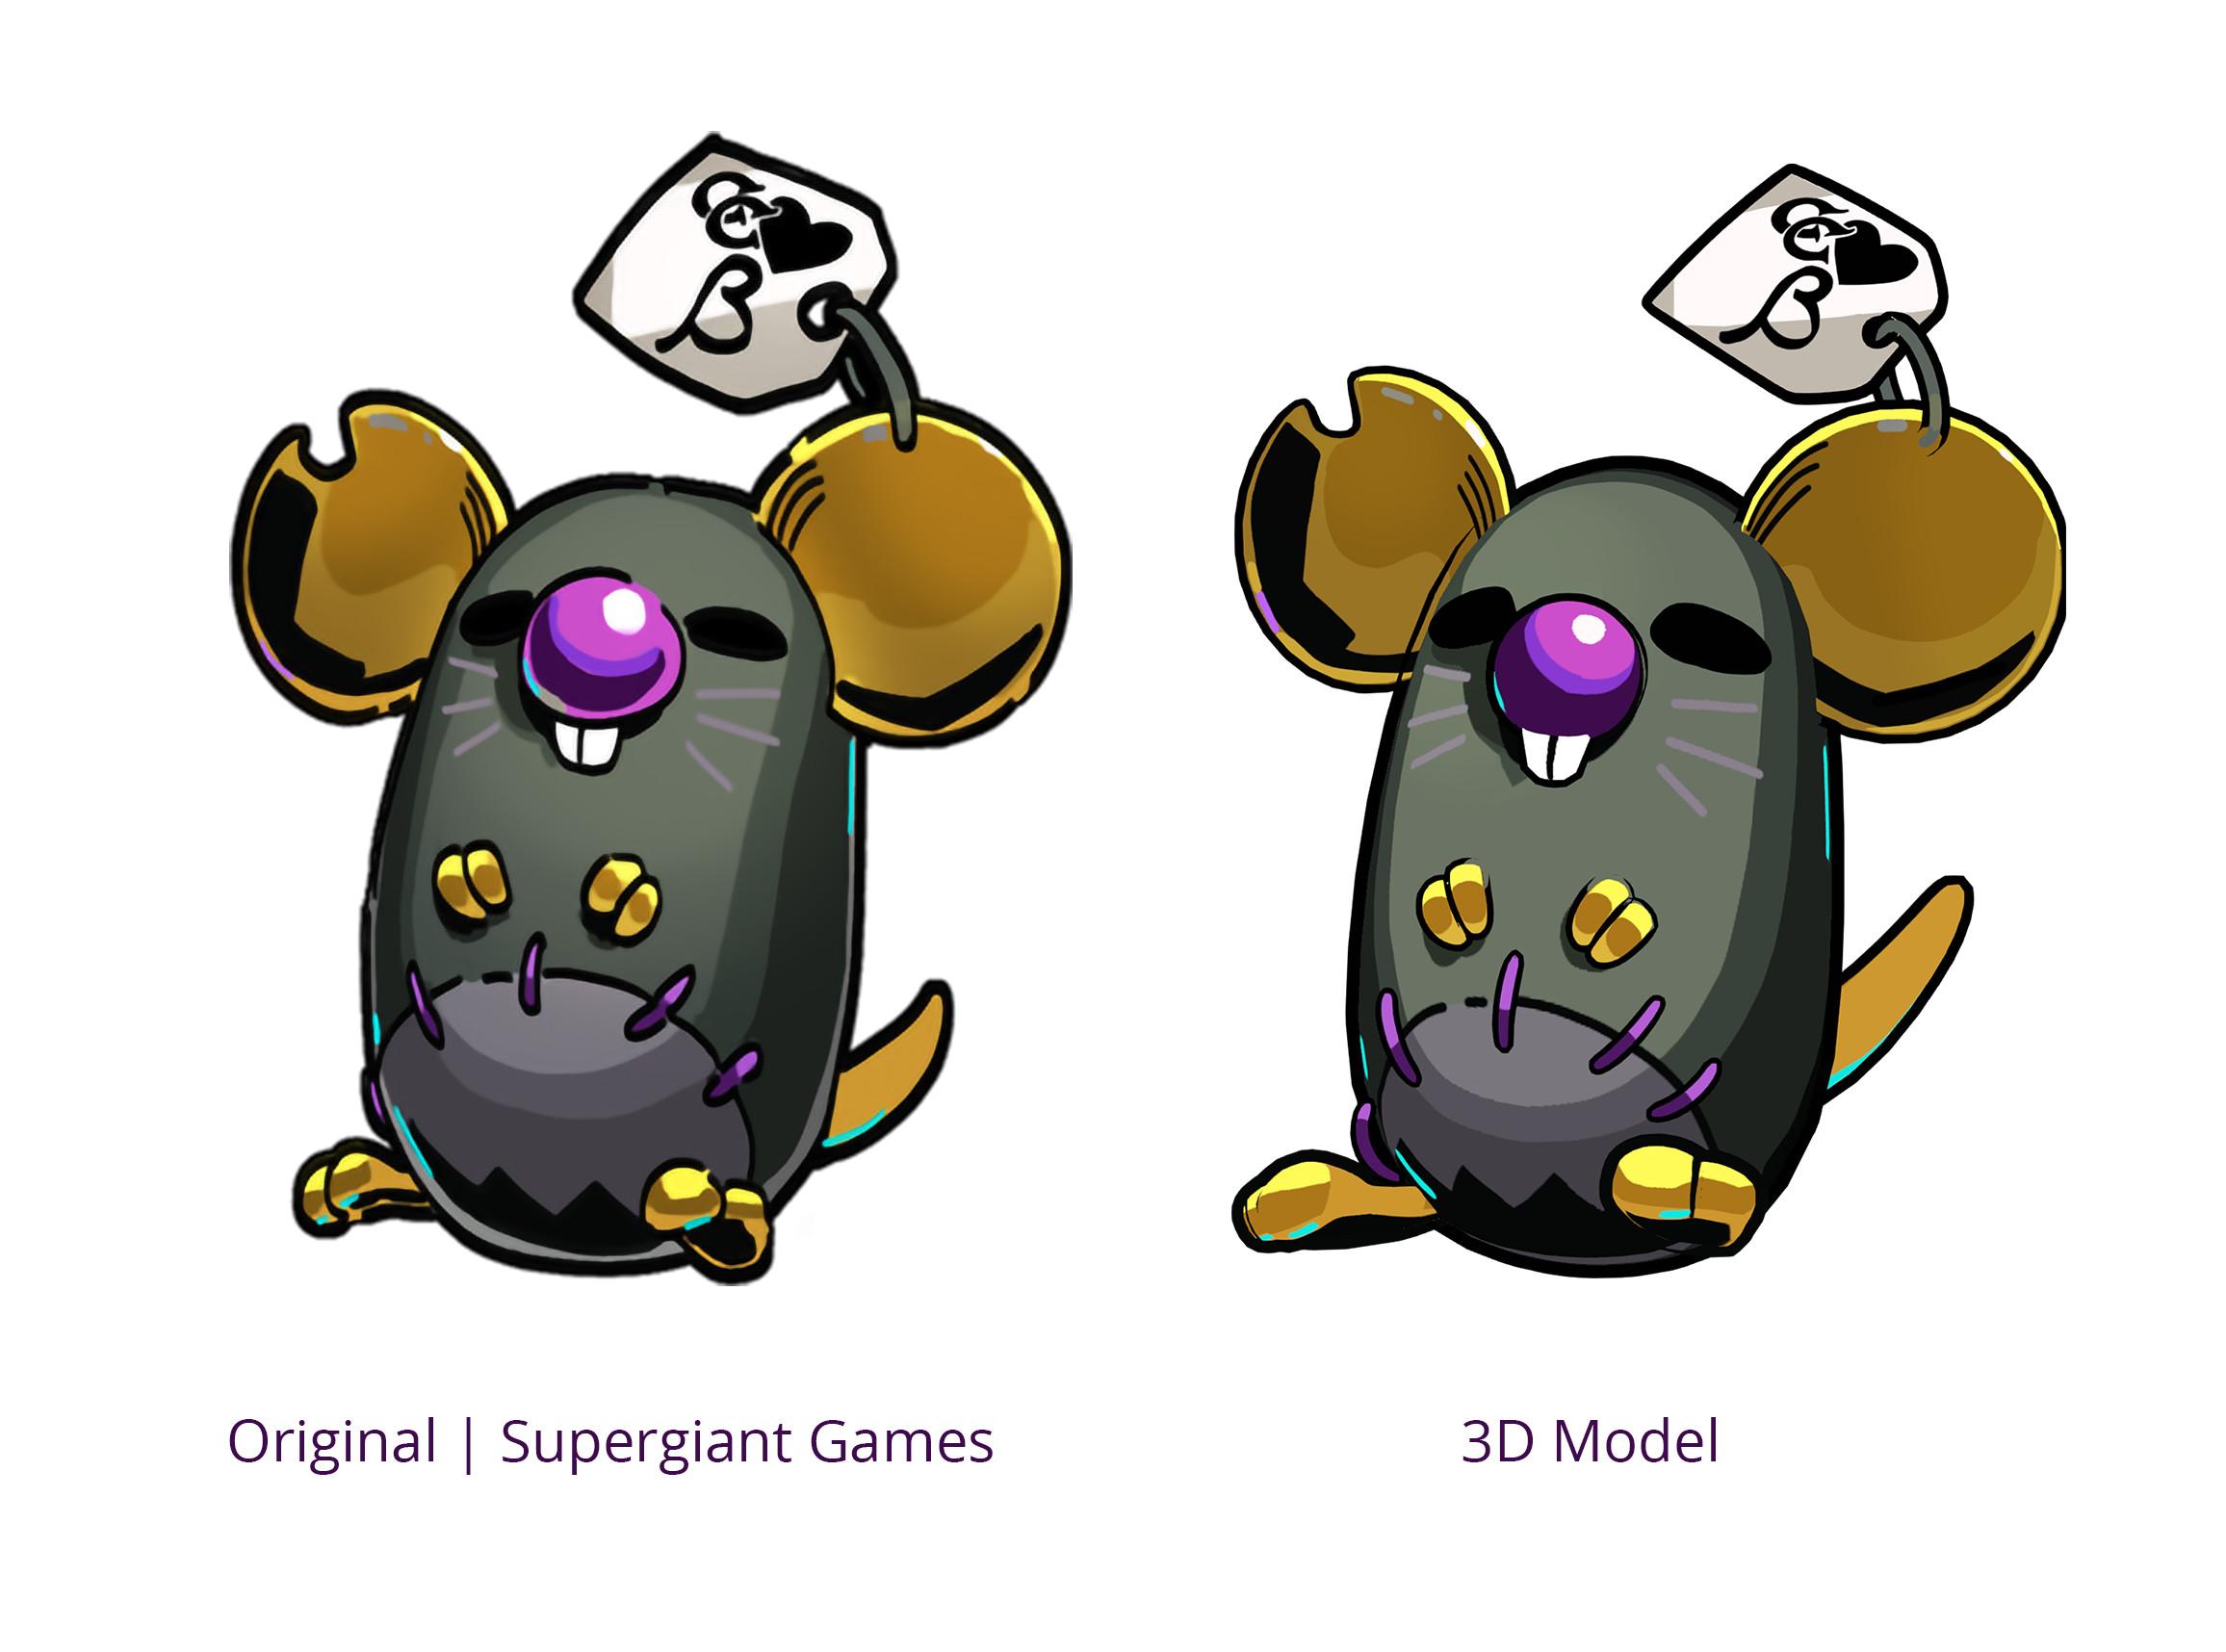 Original Art vs 3D Model